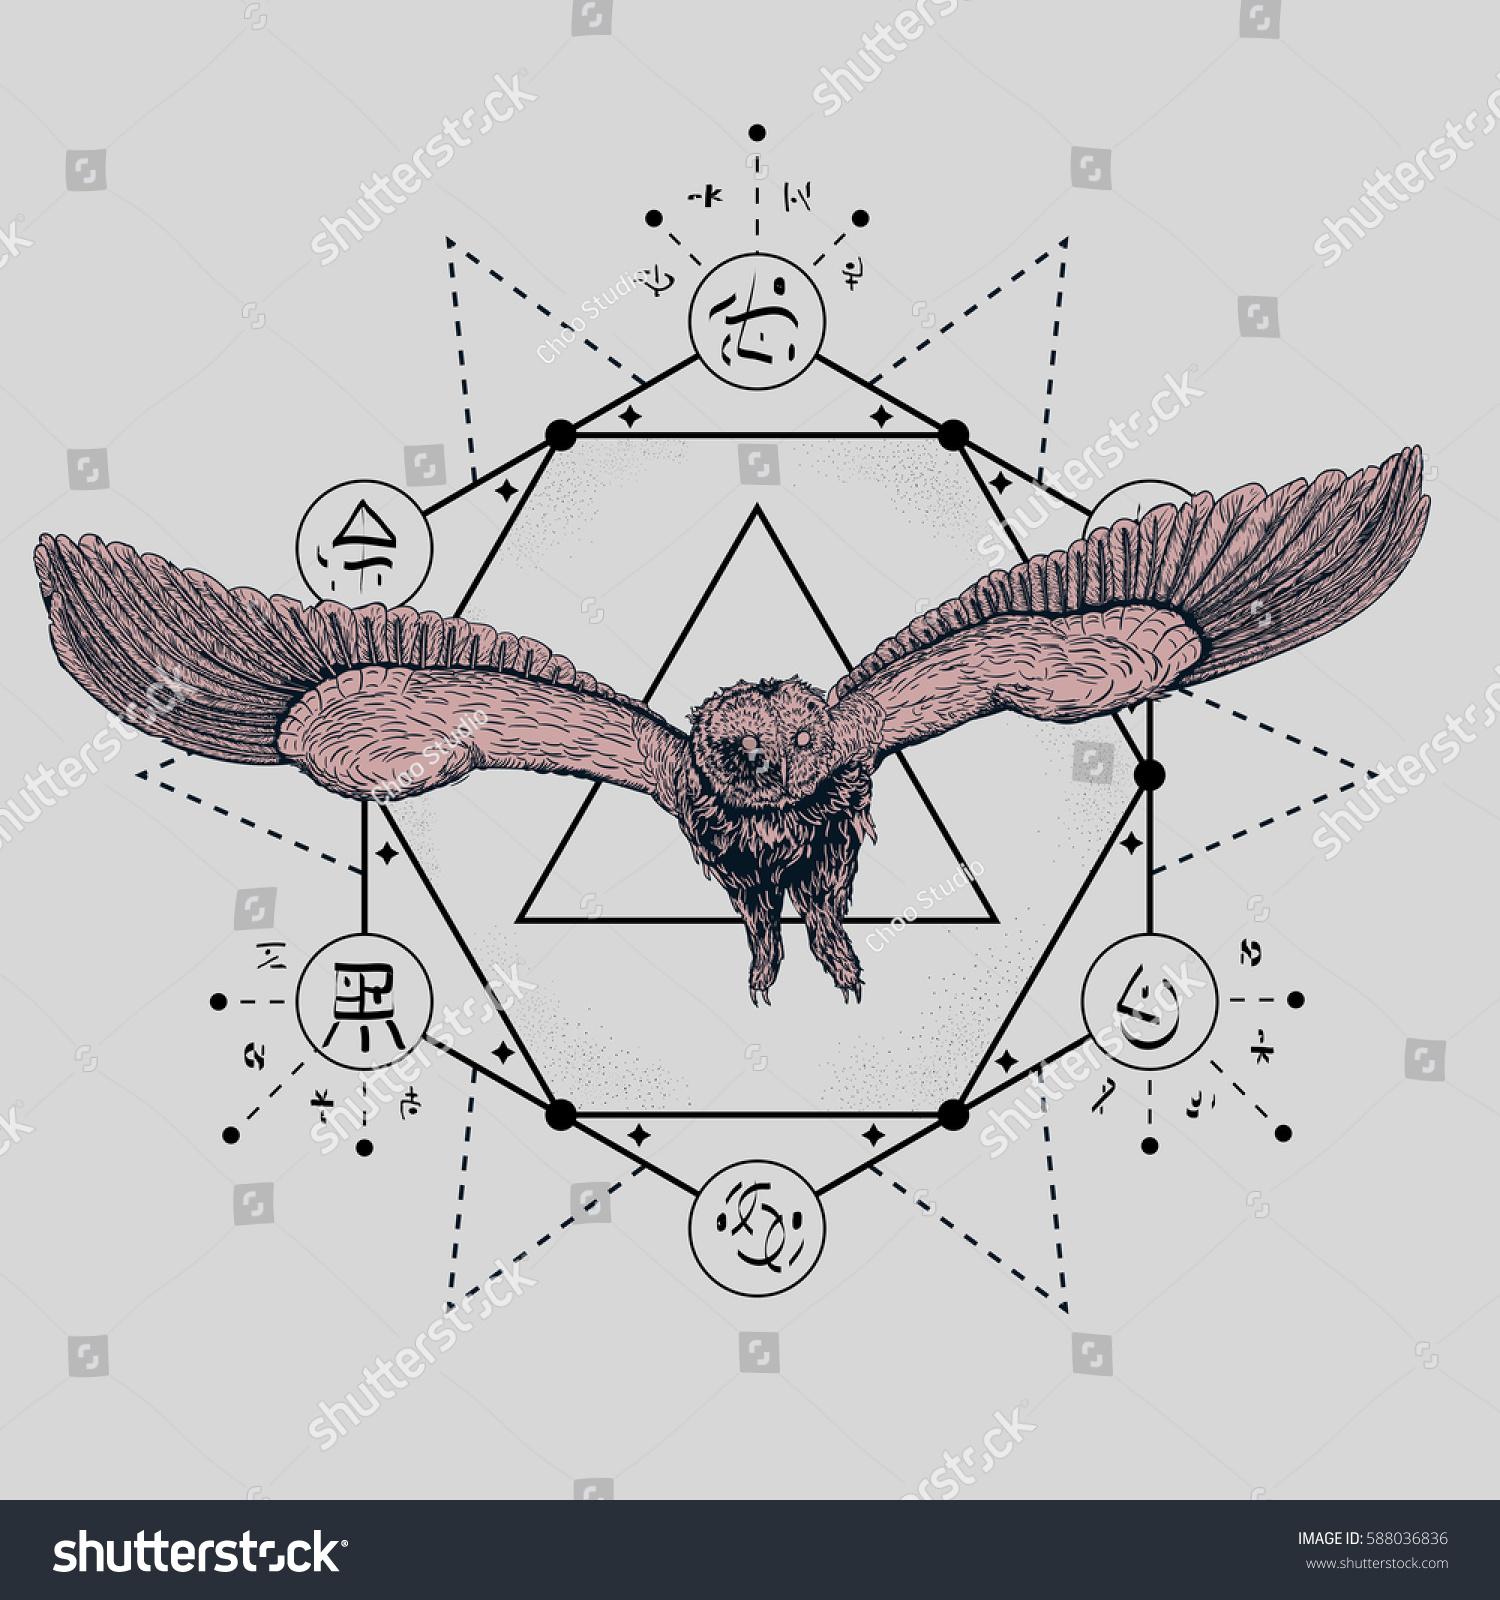 Owl Tattoo Drawing Geometric Forms Symbols Stock Vektorgrafik